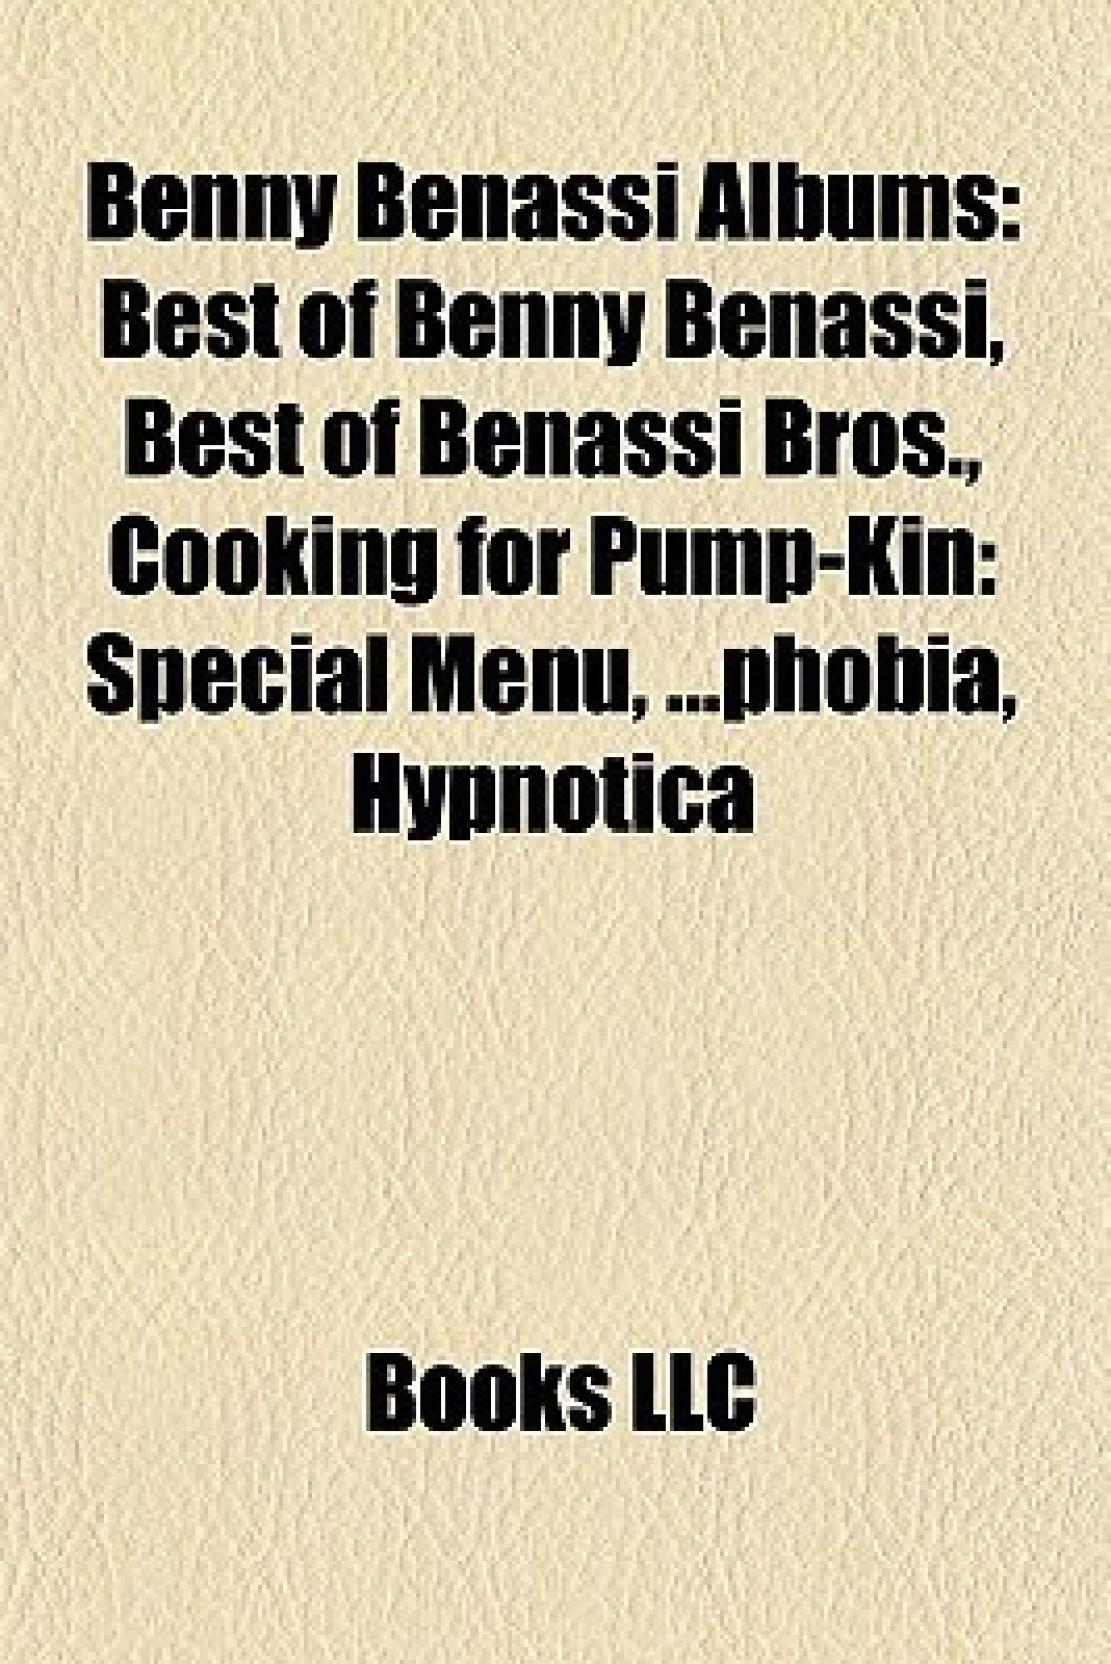 best of benassi bros